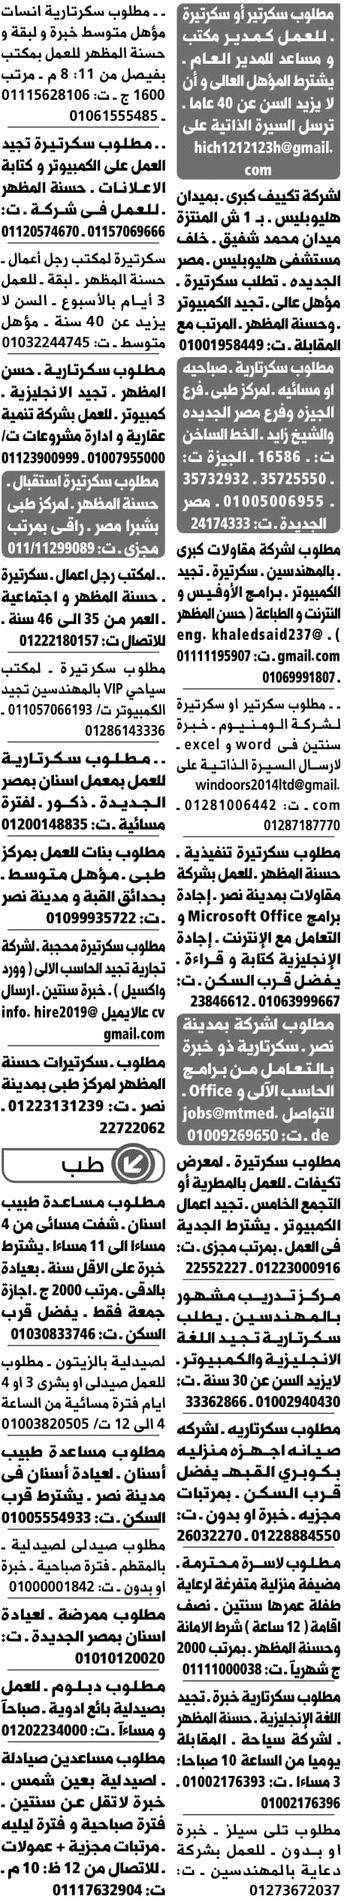 وظائف جريدة الوسيط مصر الأثنين 15/4/2019 9